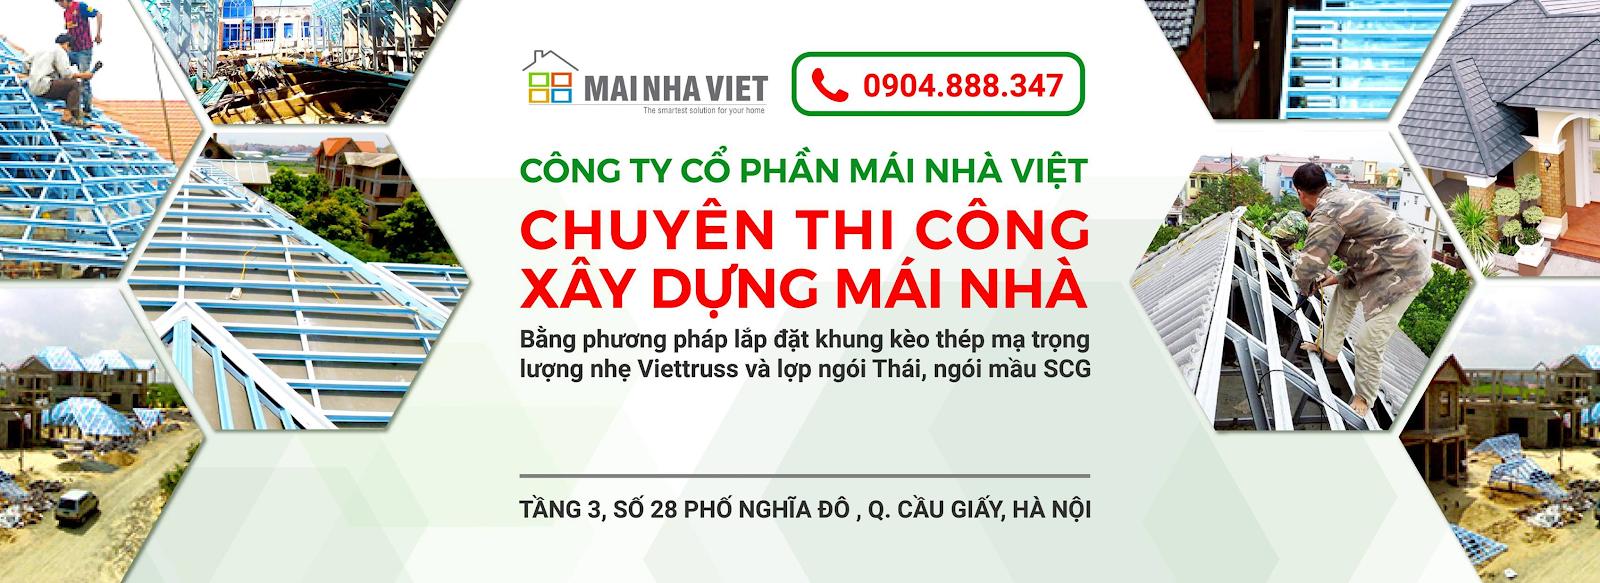 Mái Nhà Việt - Địa chỉ cung cấp, thi công ngói lợp Prime chính hãng giá tốt